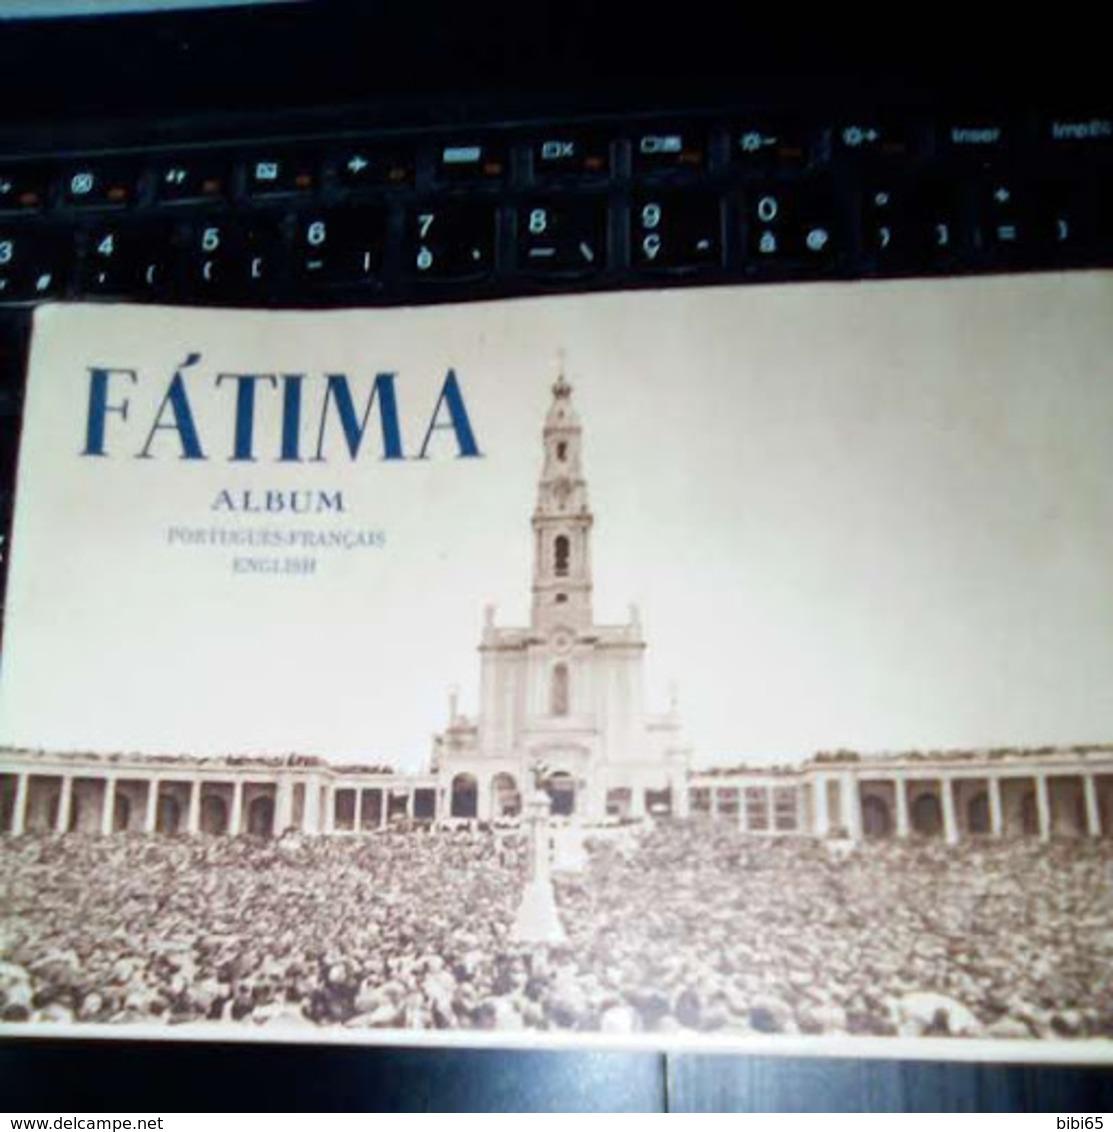 FATIMA ALBUM 1954 PORTUGUES FRANçAIS ENGLISH NOMBREUSES PHOTOS PLUS DE 60 PAGES - Christianity, Bibles